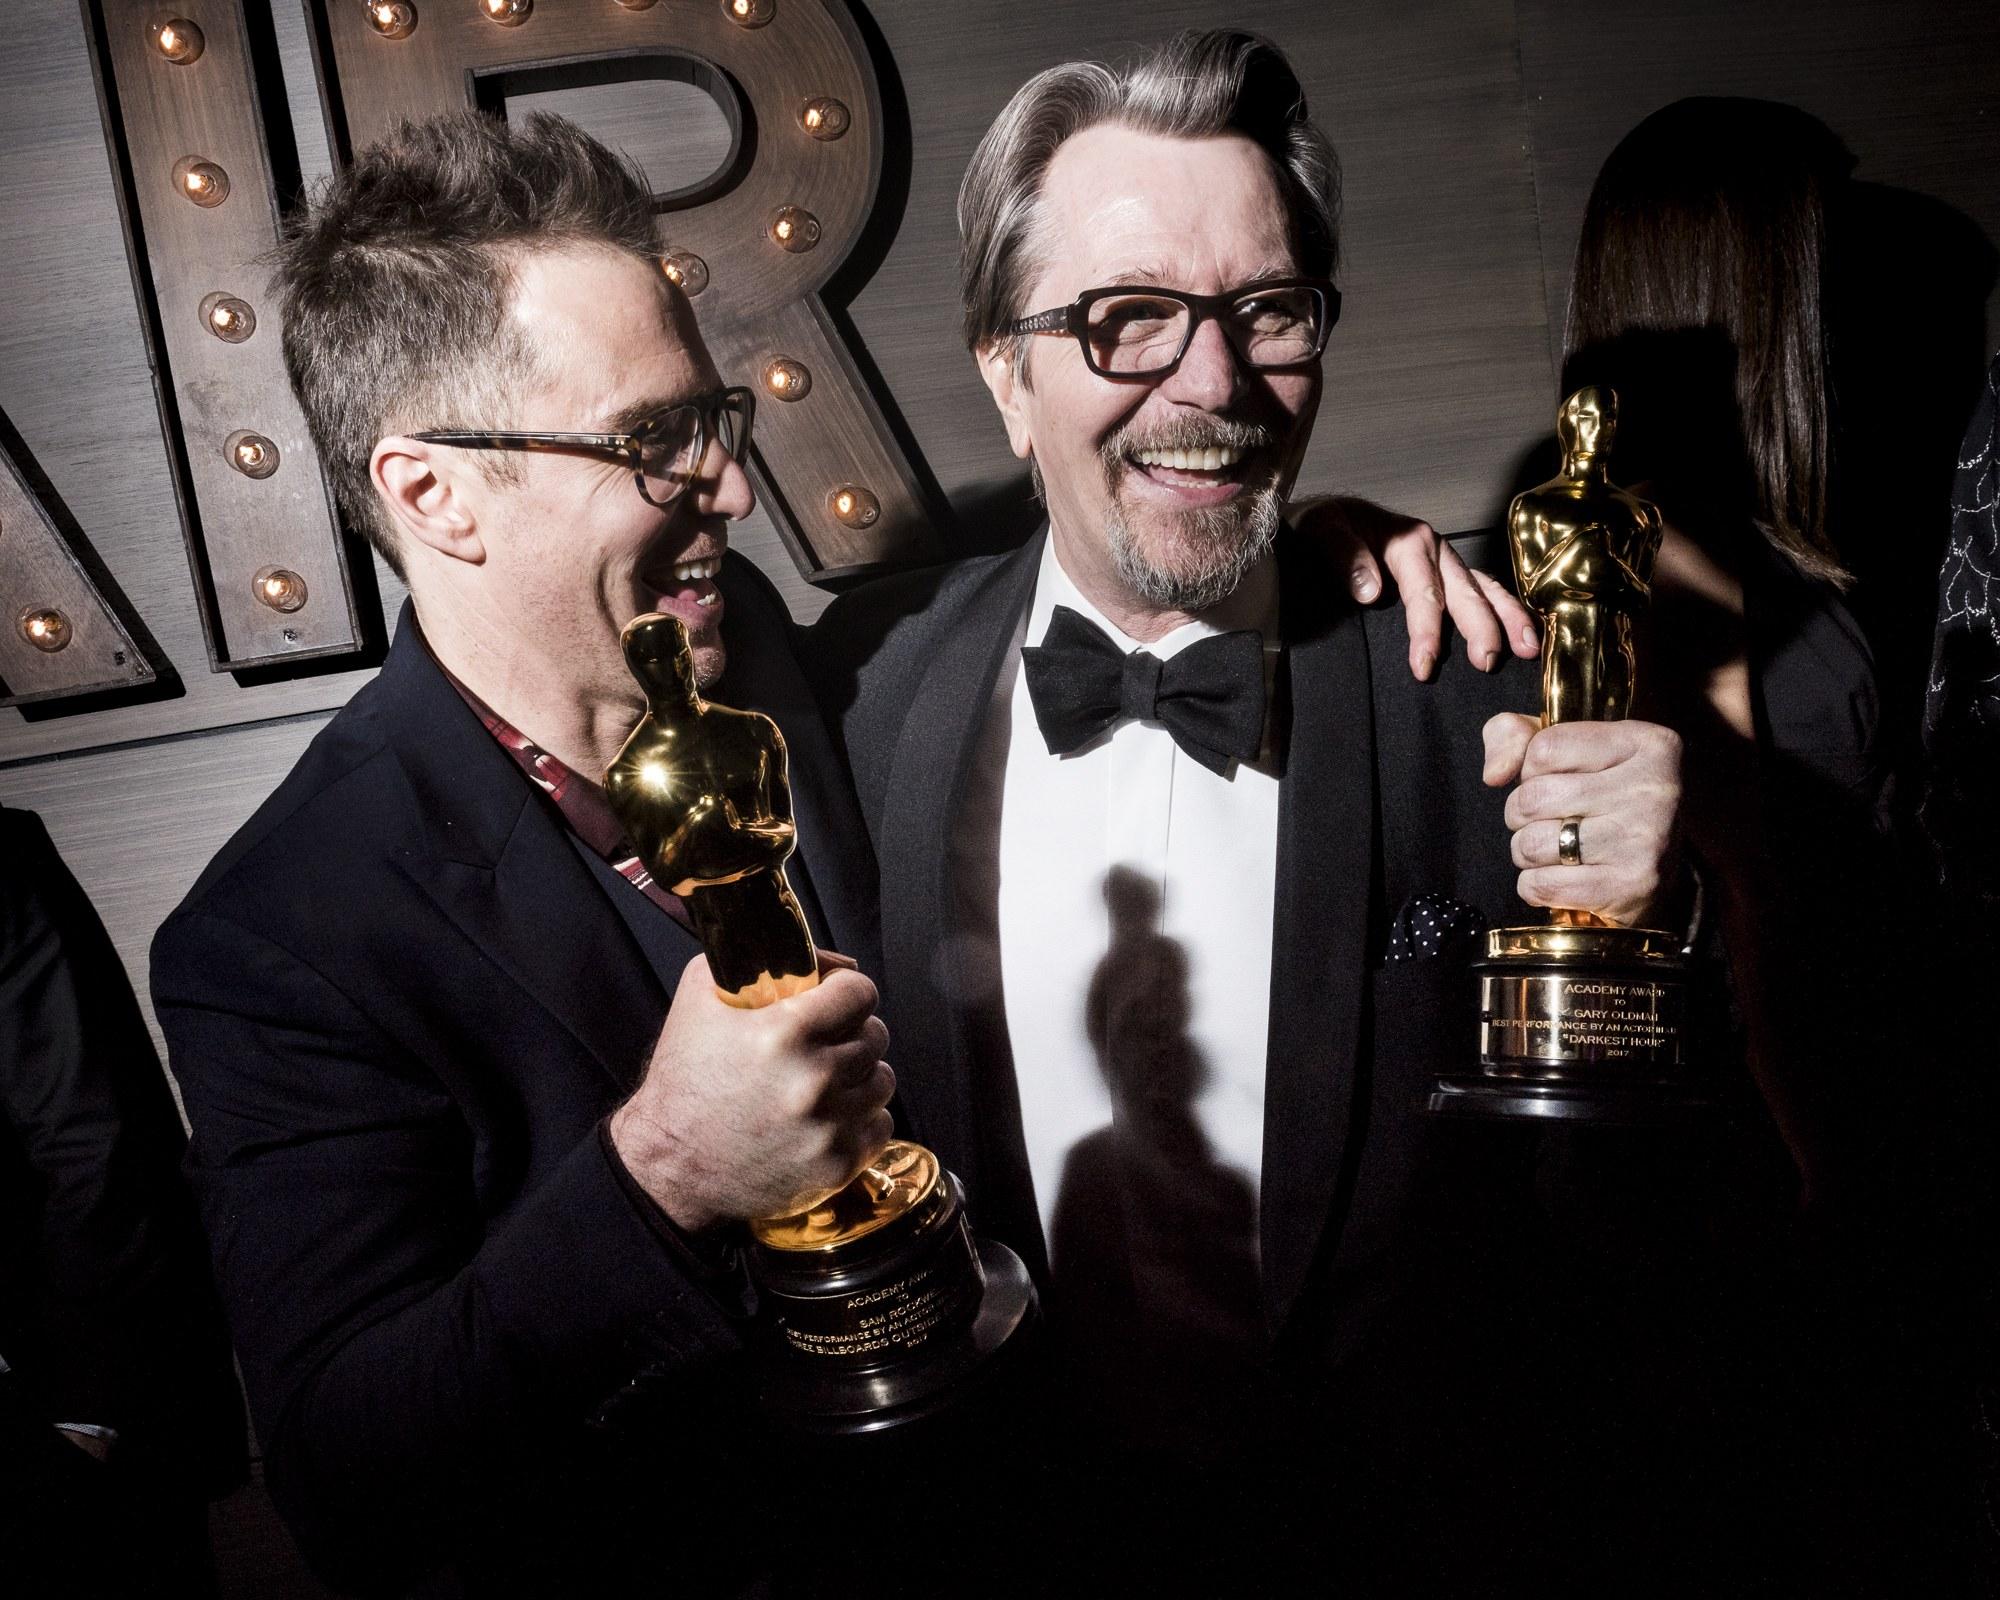 Friss Oscar-díjas színészurak (Sam Rockwell és Gary Oldman)